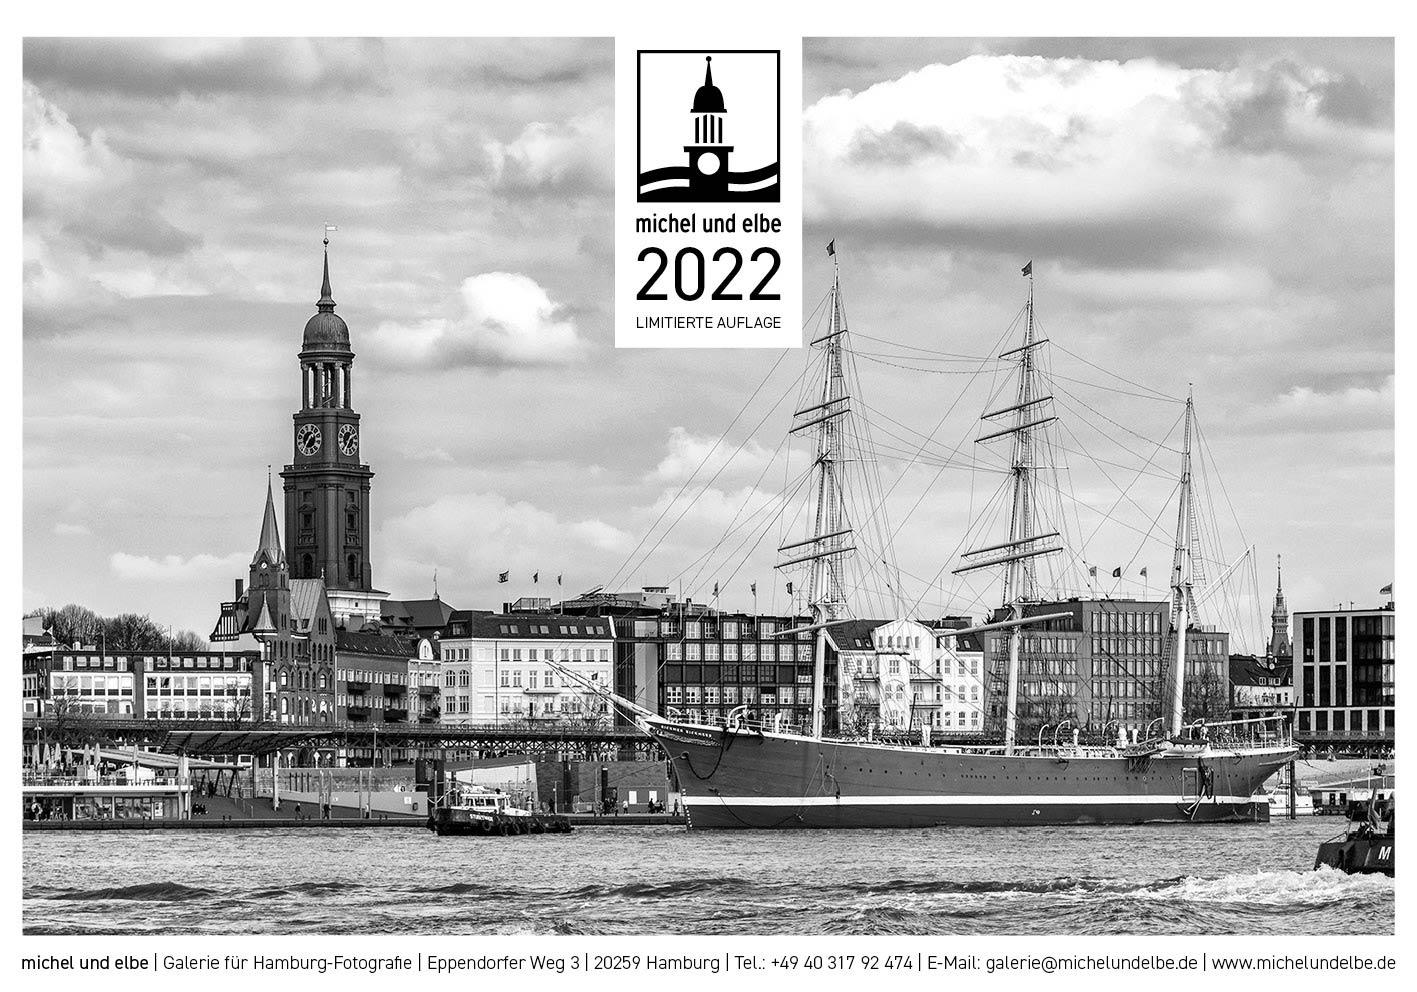 Hamburg-Kalender SW 2022 michel und elbe Titel